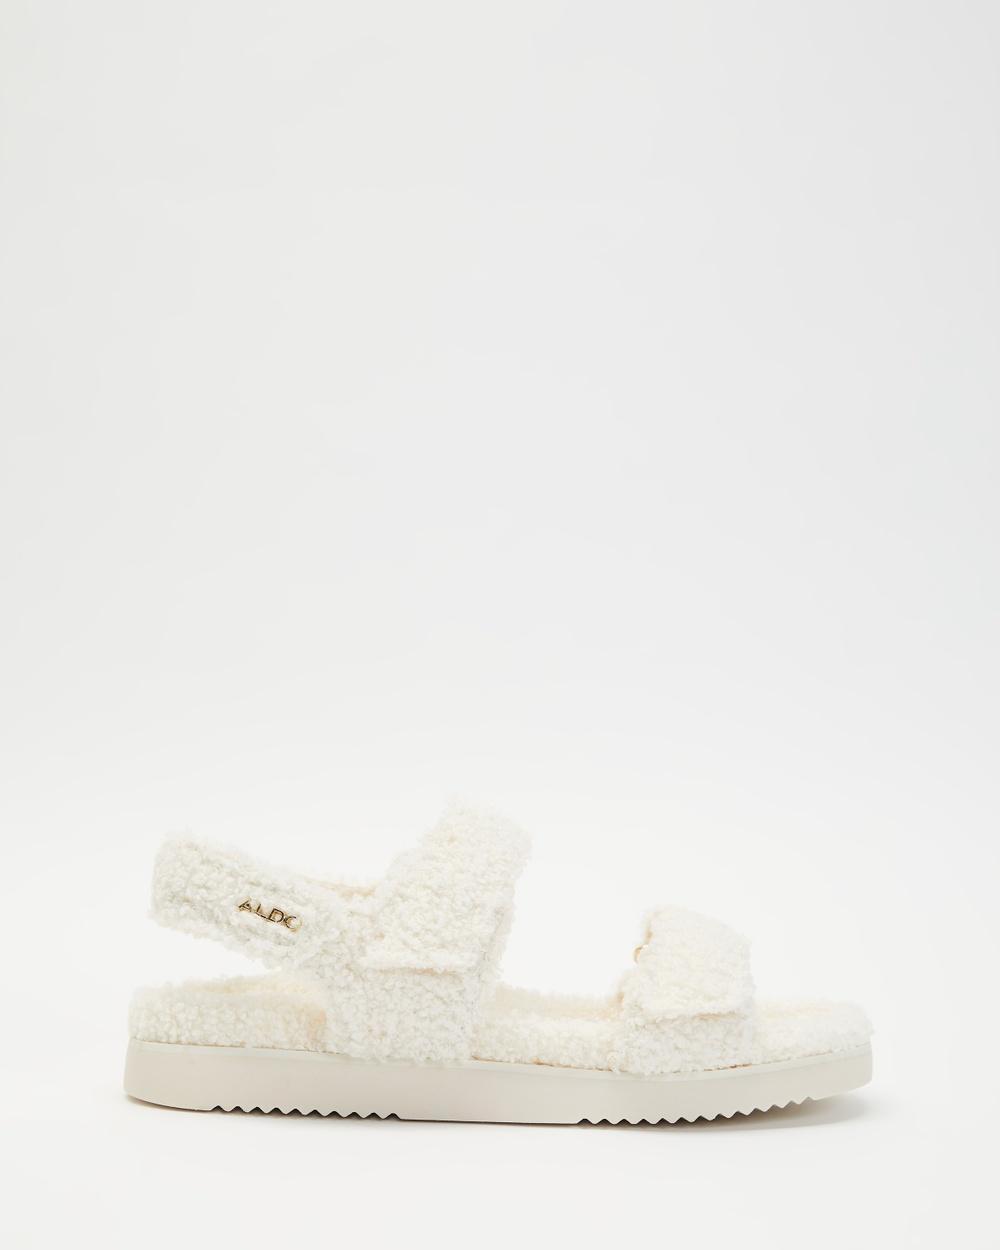 ALDO Cloud Faux Fur Slides Sandals White